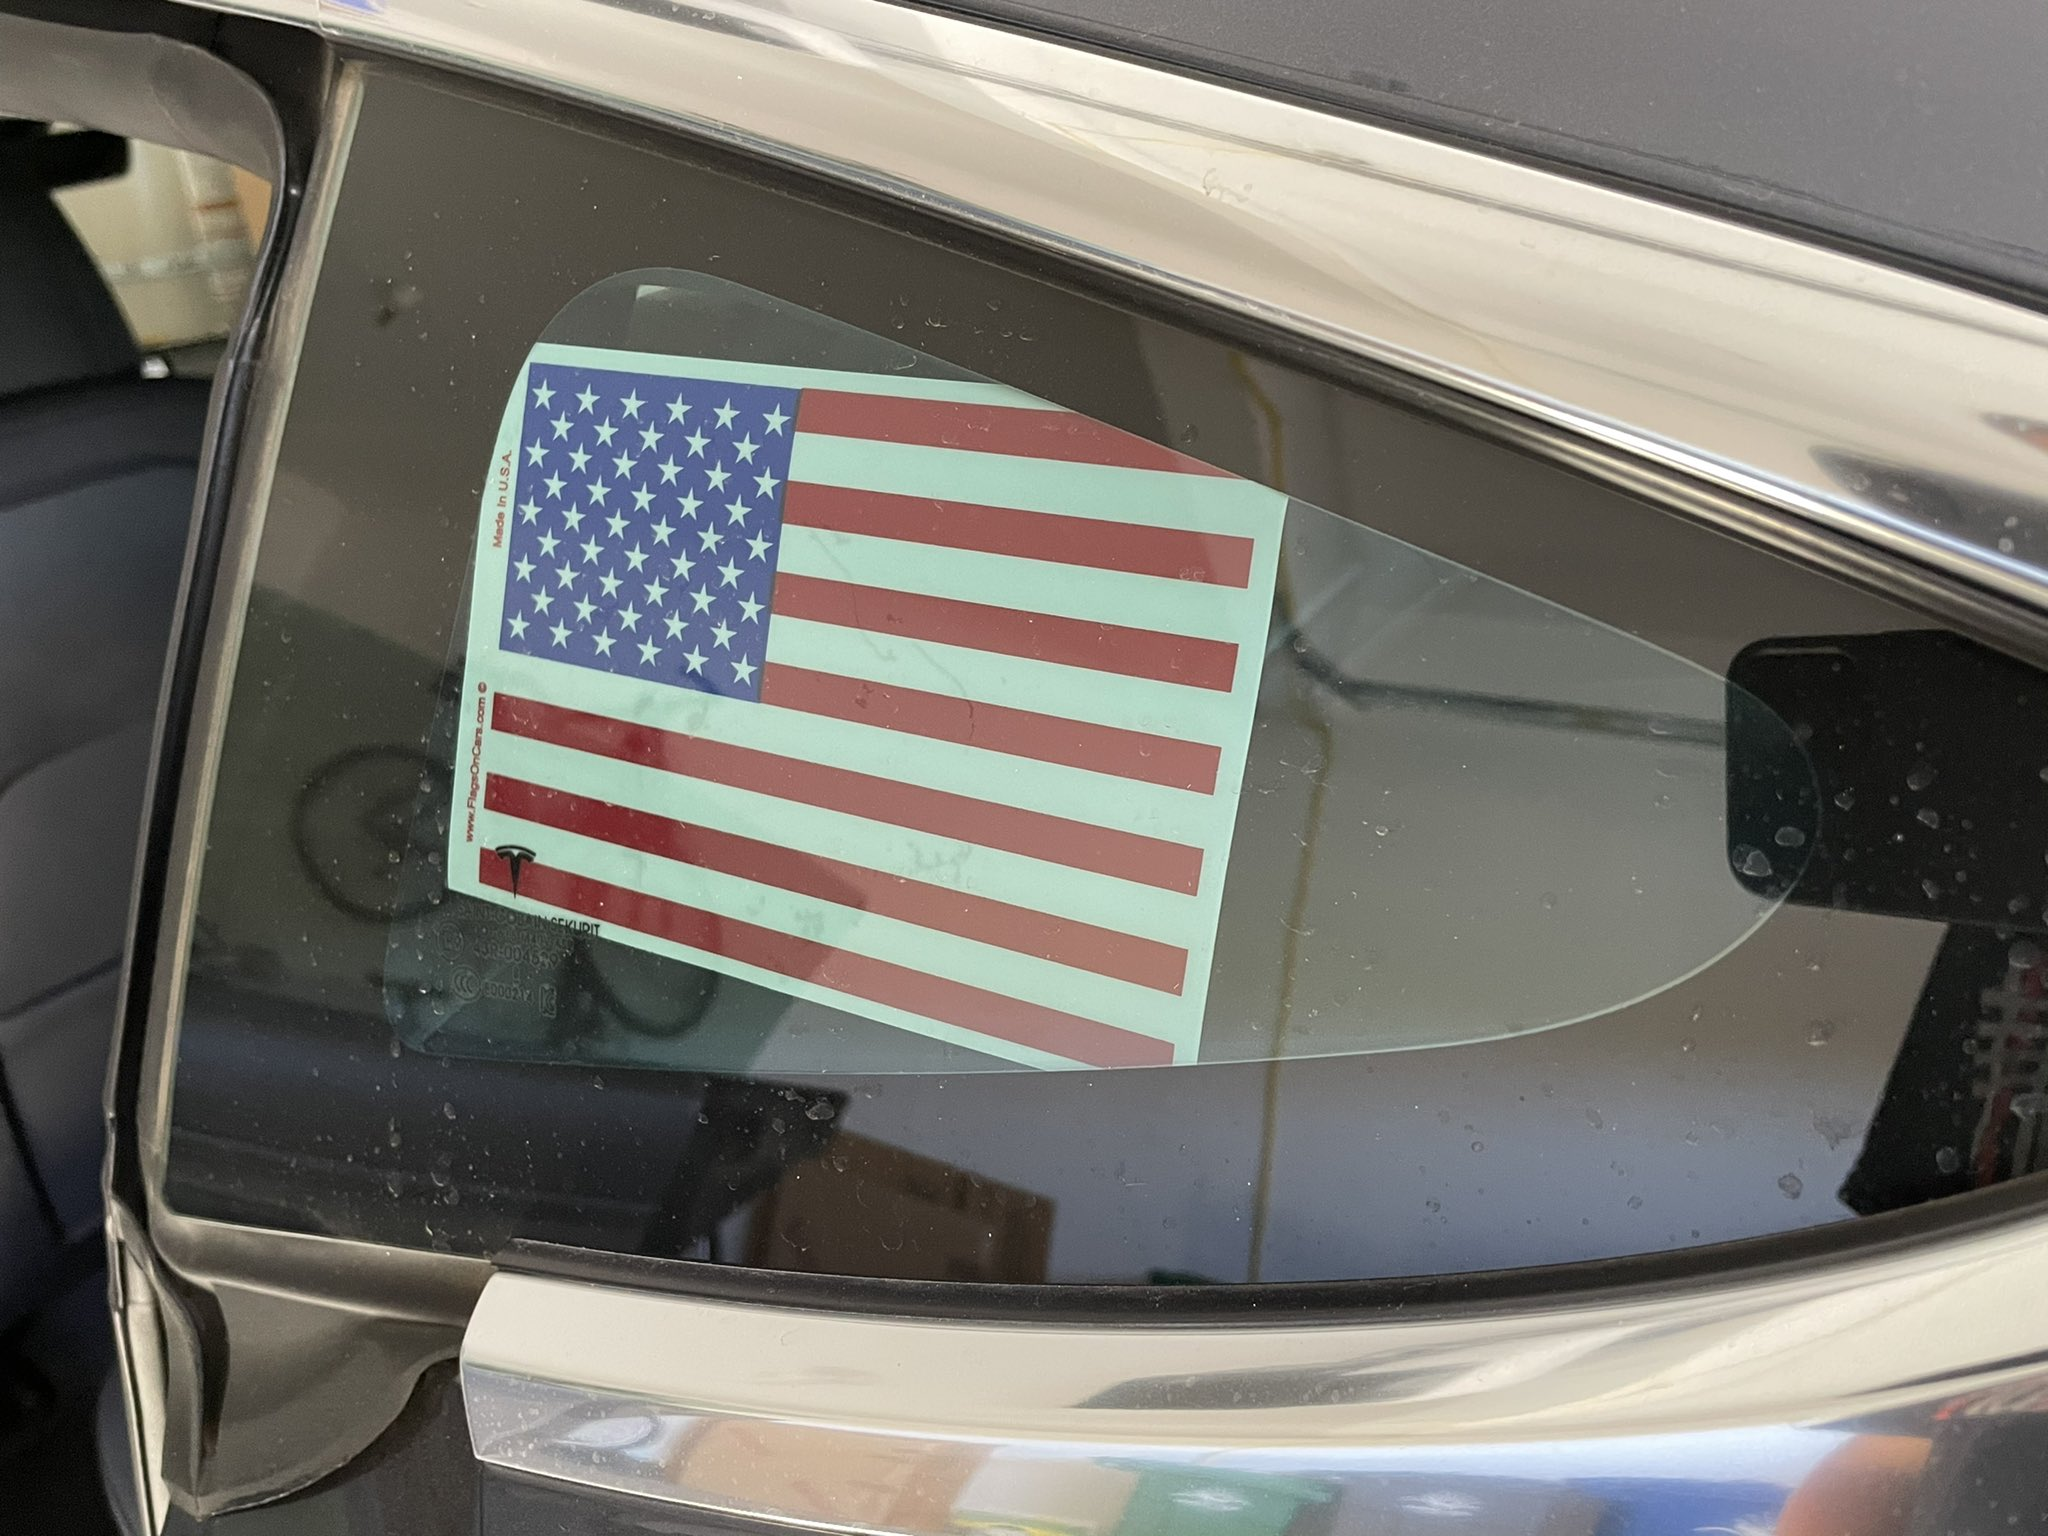 tesla-model-3-us-flag